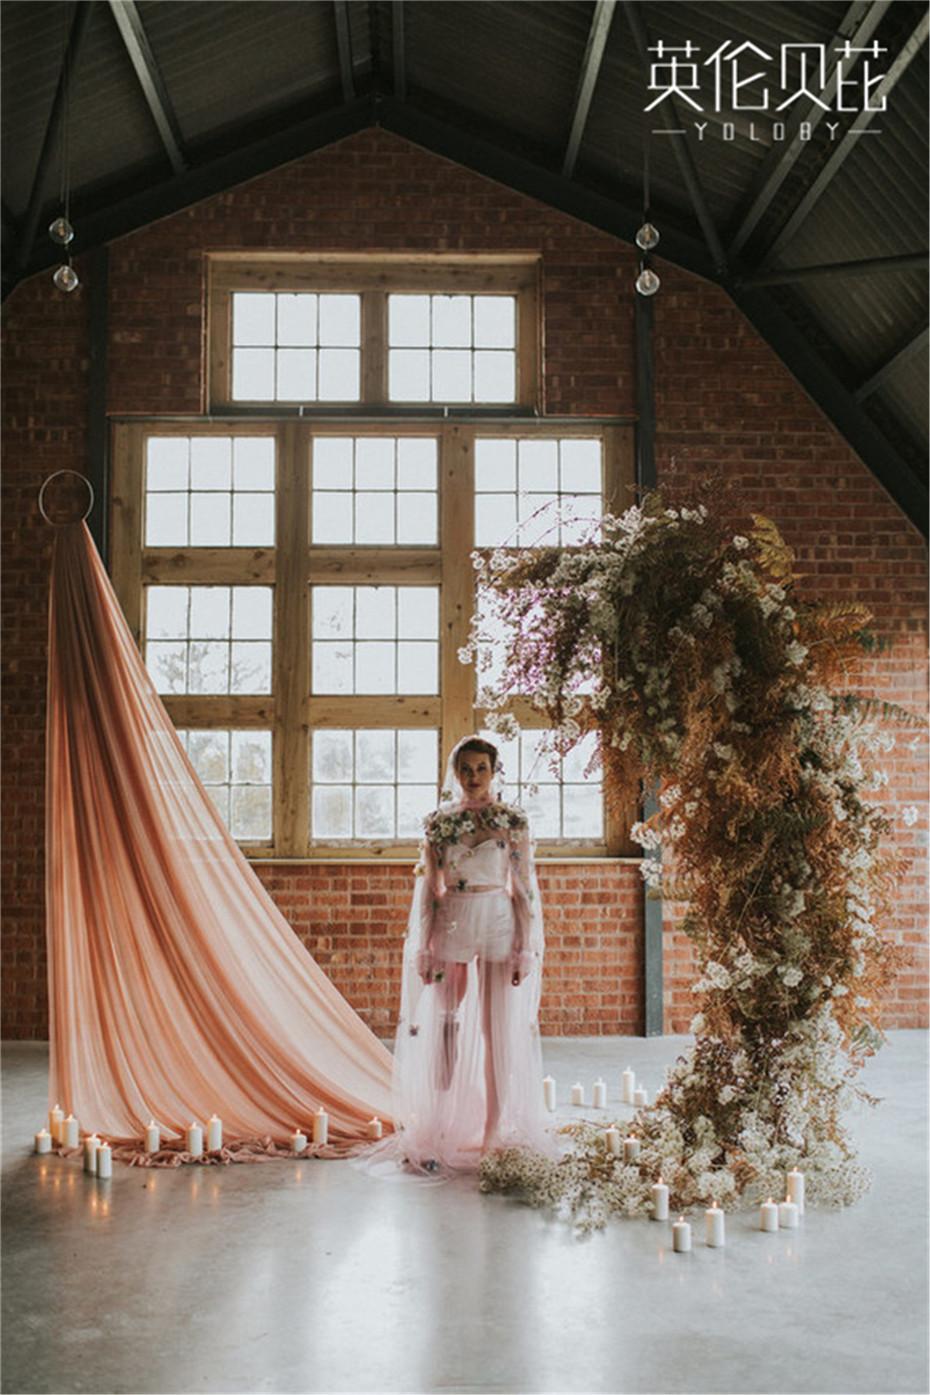 让婚庆公司帮你布置一场特别的婚礼